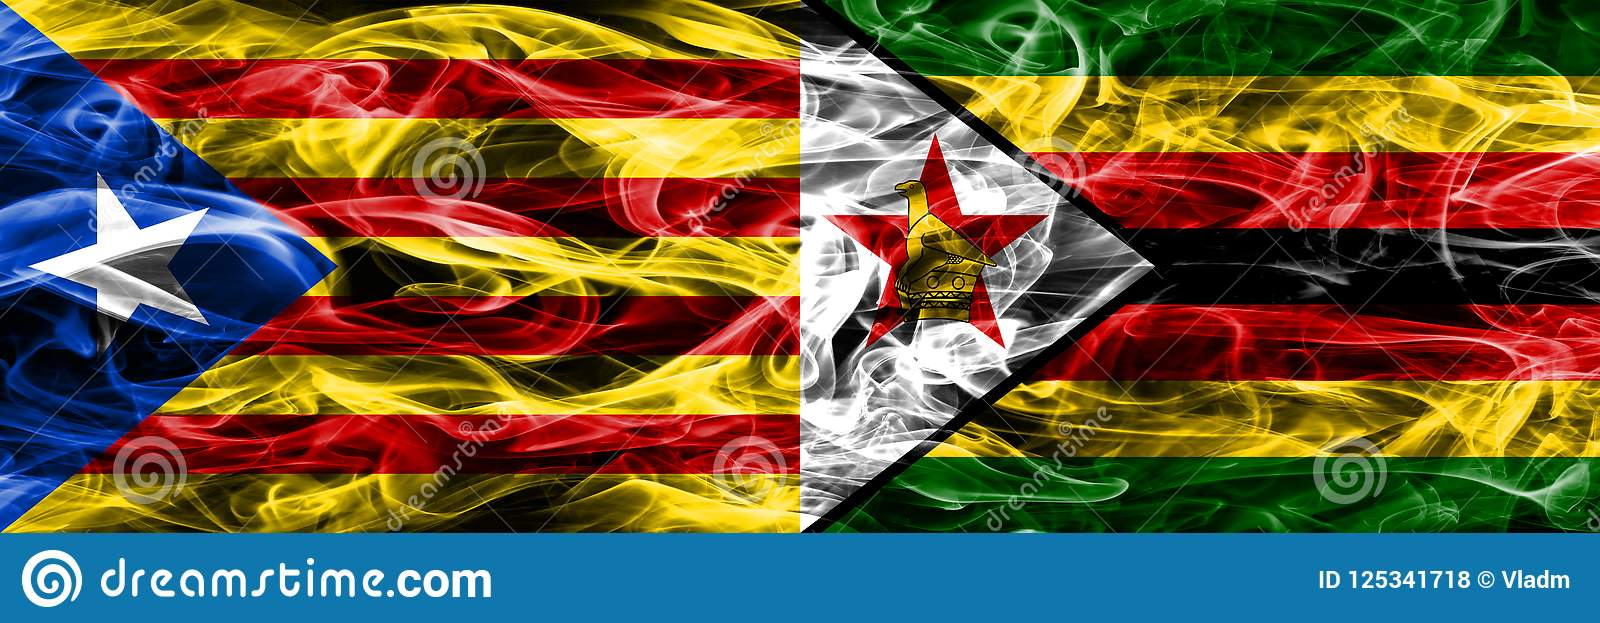 Katalonien gegen die Simbabwe-Kopienrauchflaggen nebeneinander gesetzt Dicke farbige seidige Rauchflaggen des katalanisches und d